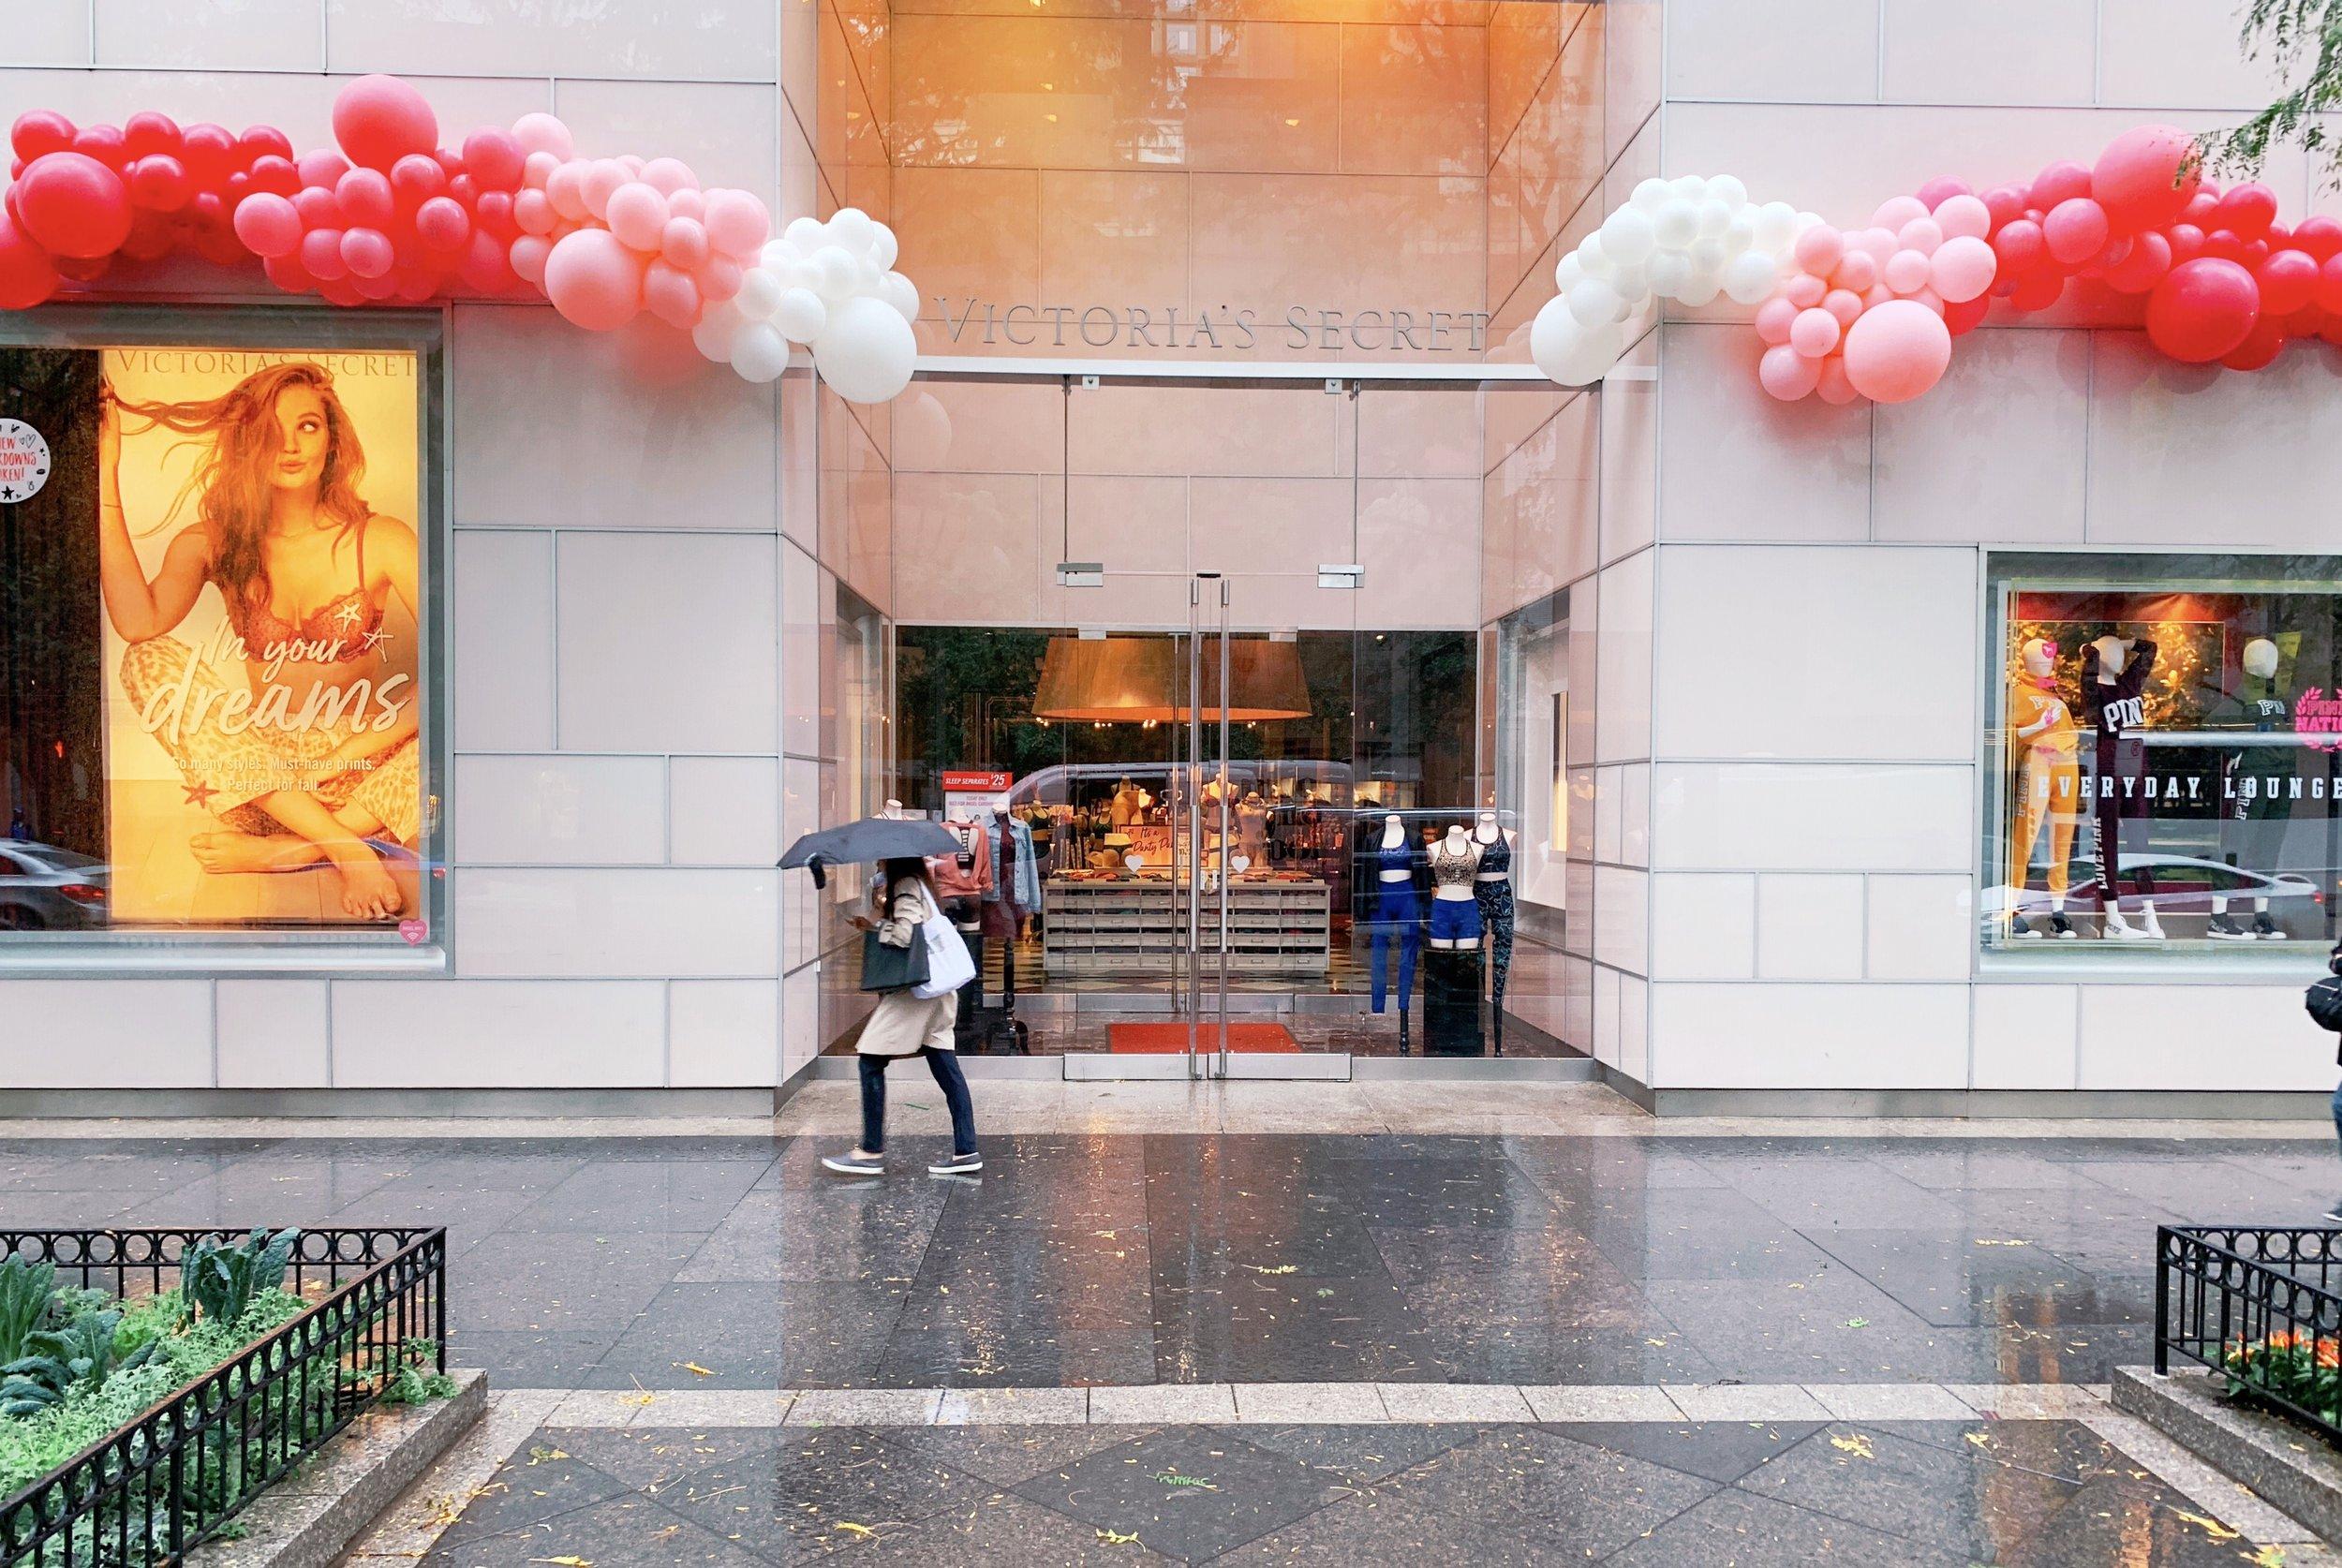 vroom_vroom_balloon_organic_balloon_garlan_installation_nashville_chicago_victorias_secret_pink.jpg